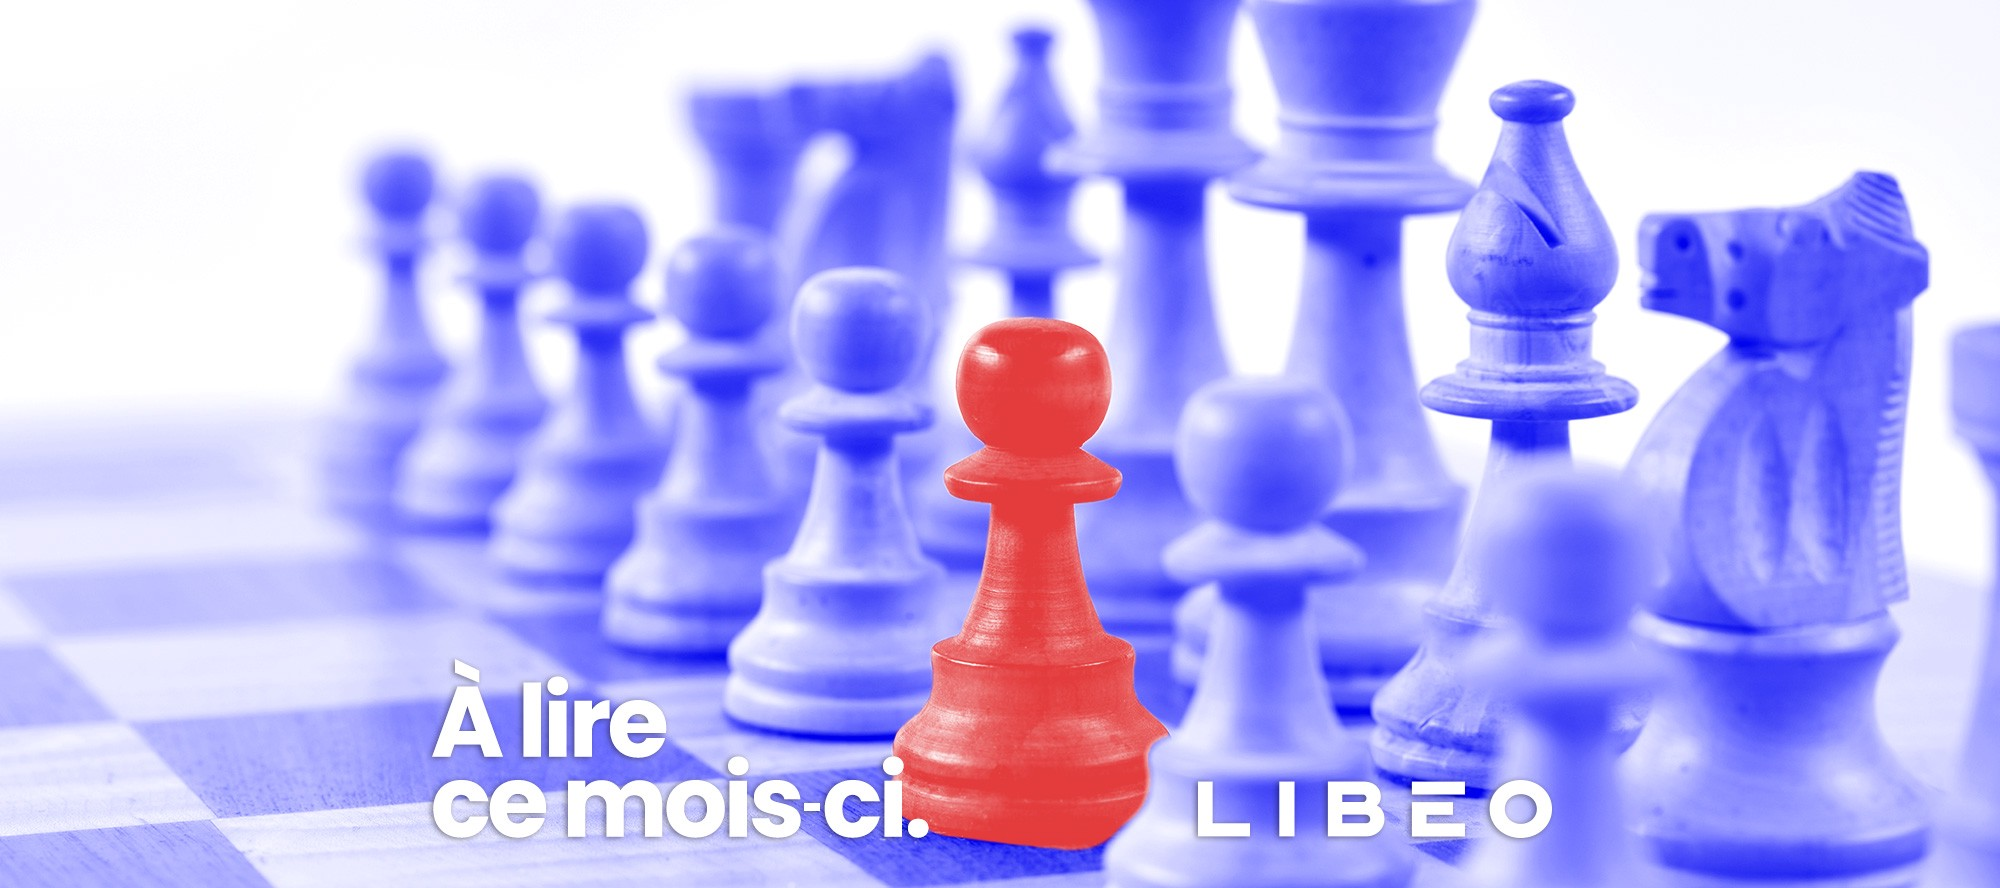 Logo de Libéo avec des pièces d'échec bleues et rouges